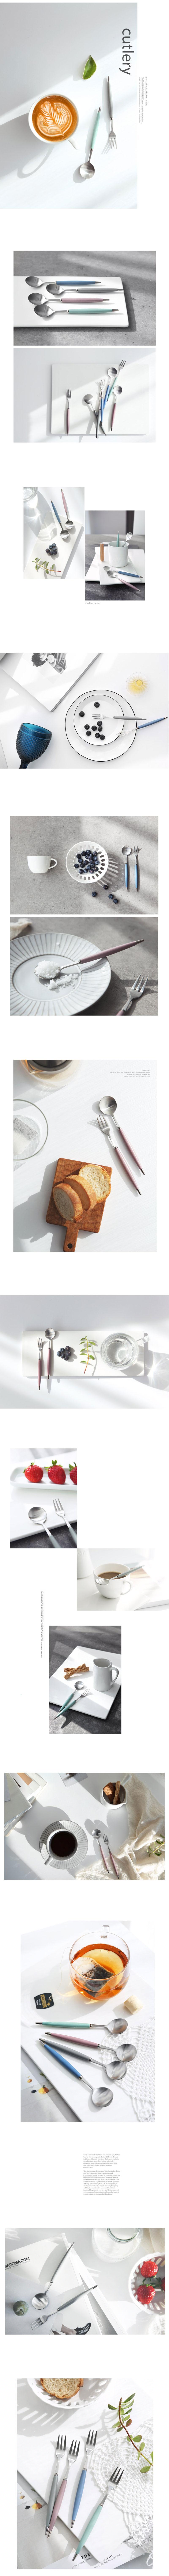 모던파스텔 티포크 티스푼(4color) lovesweety - 꾸미기 좋은날, 5,060원, 숟가락/젓가락/스틱, 숟가락/젓가락 세트